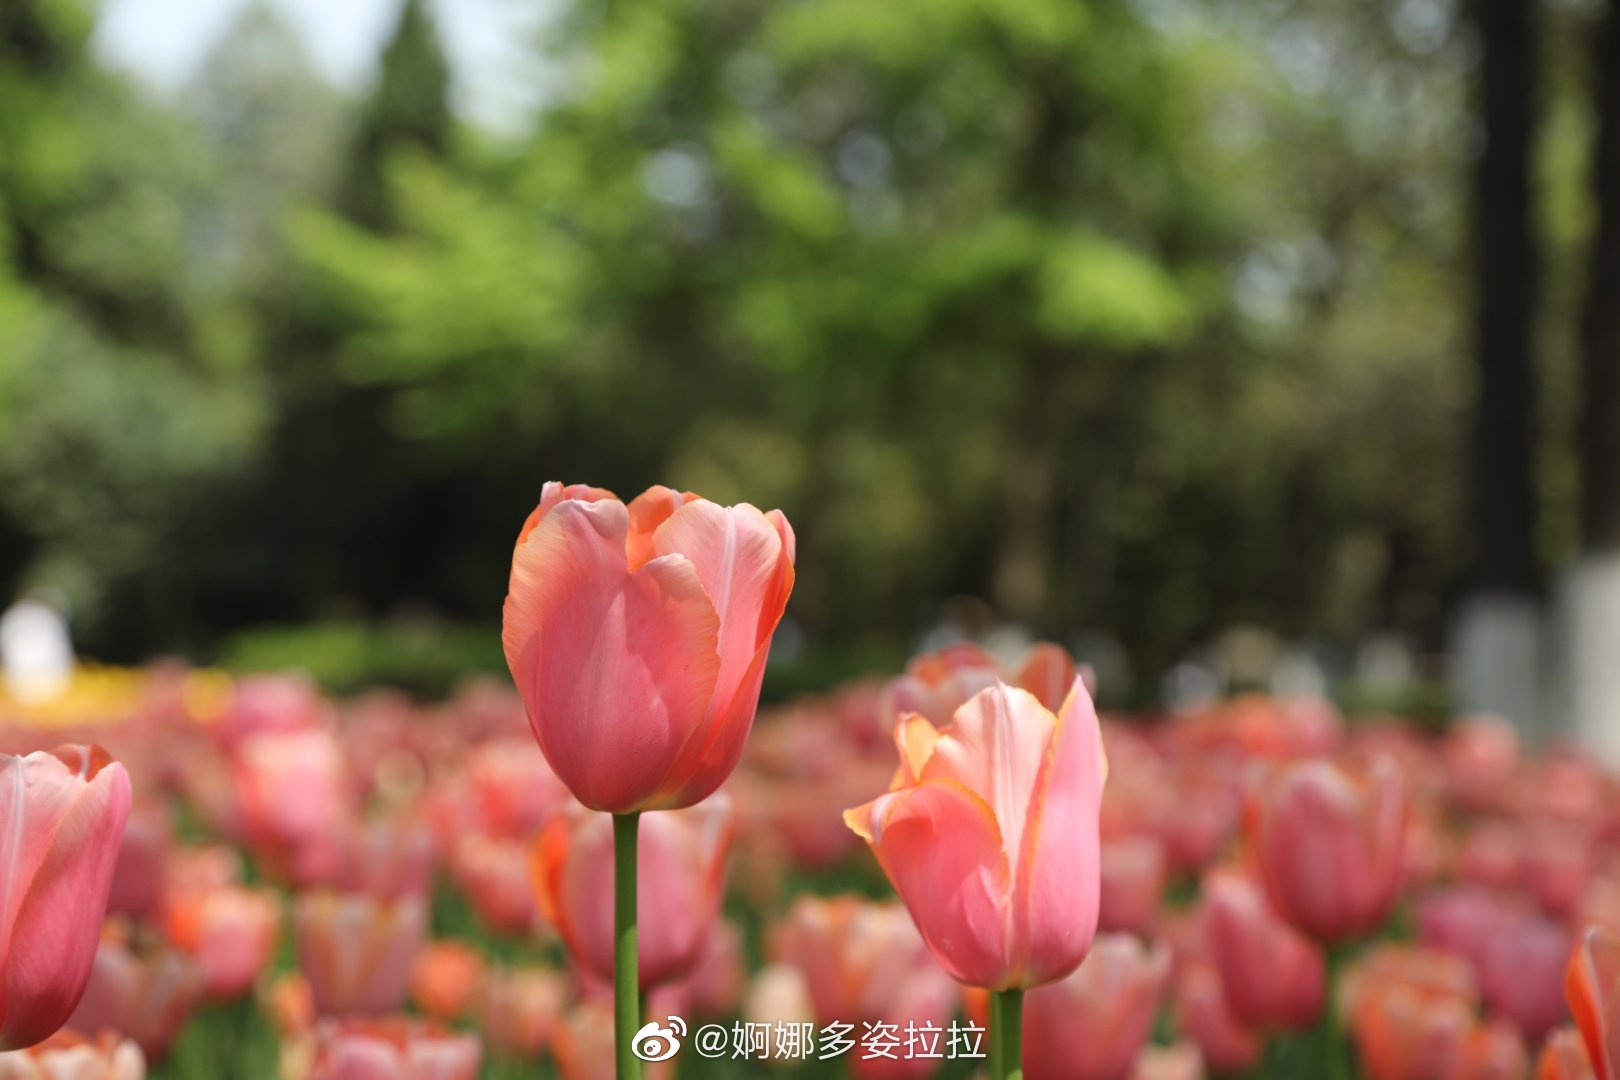 趁着春未暮,花未央,相约到西安兴庆宫公园